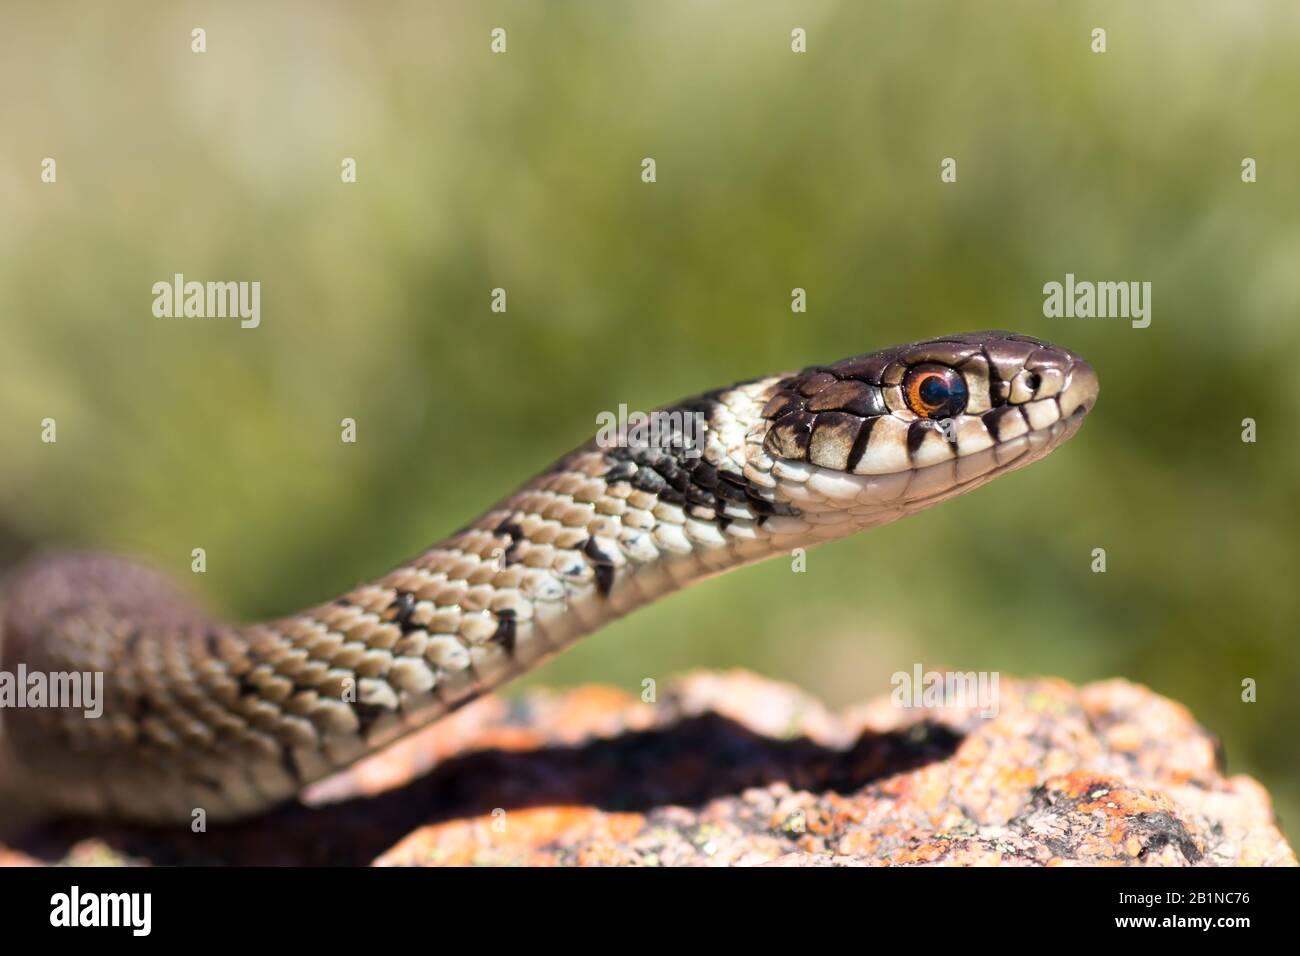 Un serpent d'herbe juvénile (Natrix natrix), également connu sous le nom de serpent d'eau, avec le collier caractéristique. Ce spécimen a été photographié à Porto, au Portugal. Banque D'Images